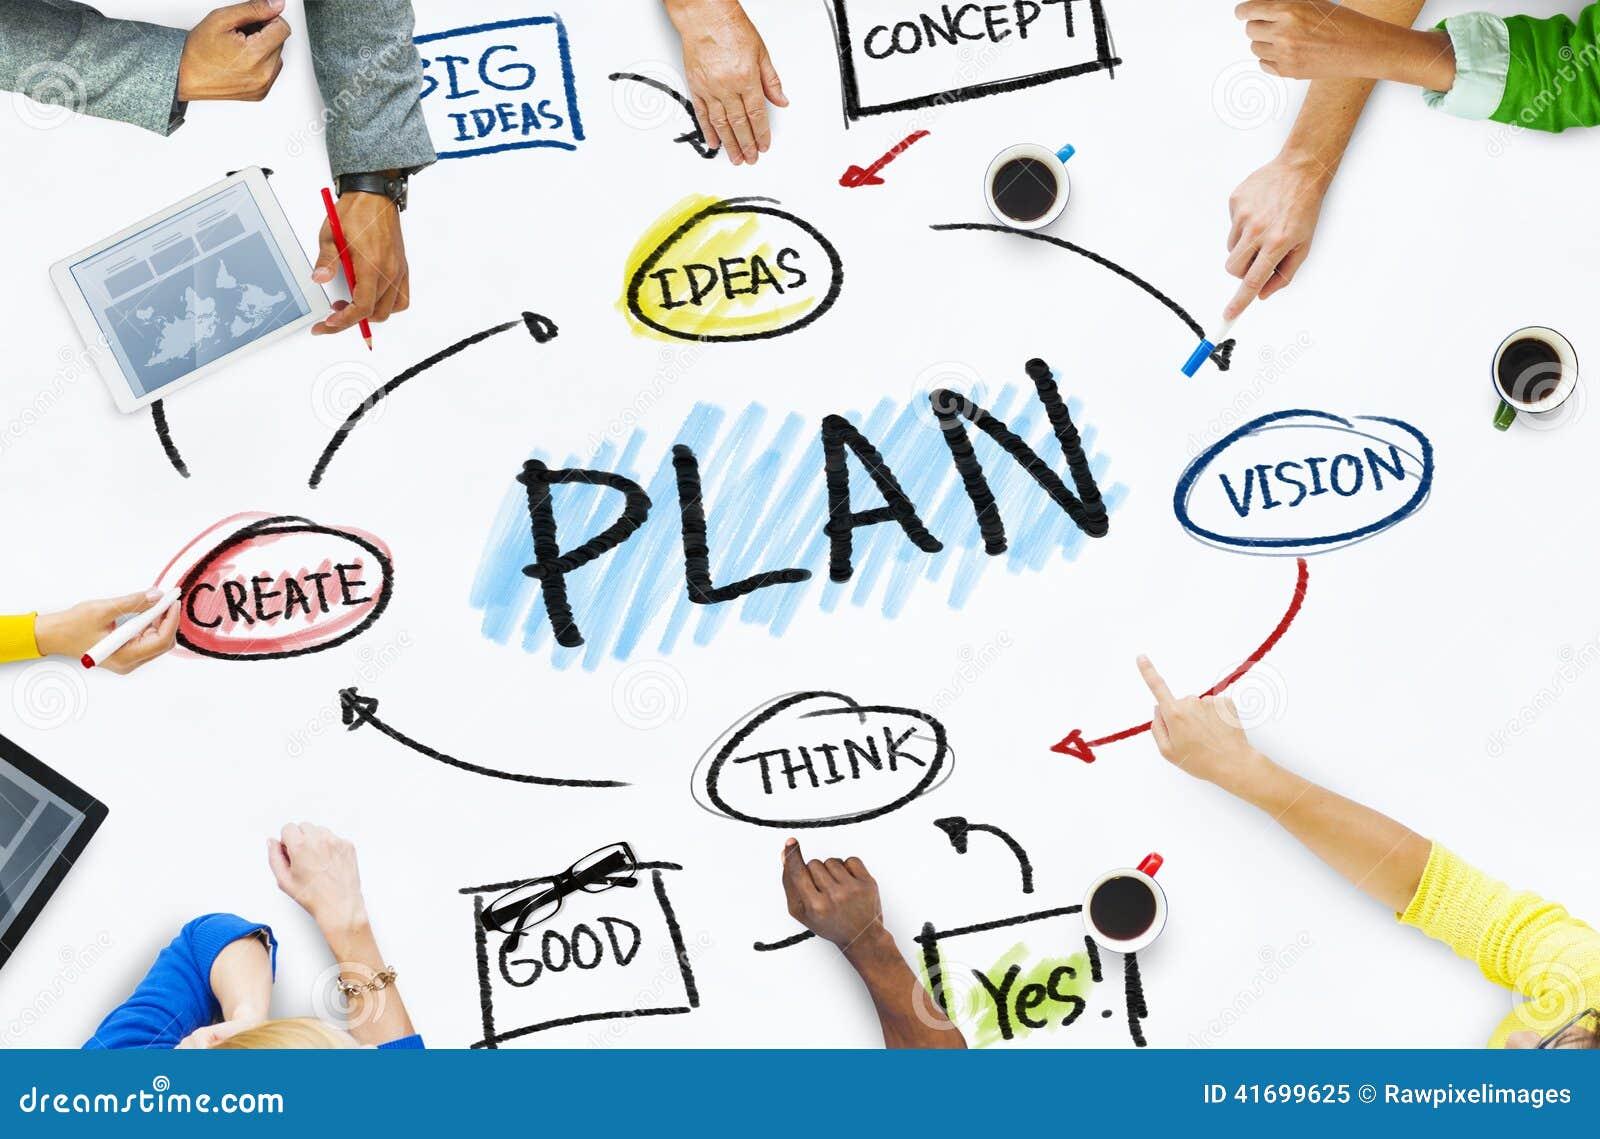 groep bedrijfsmensen in een vergadering over planning